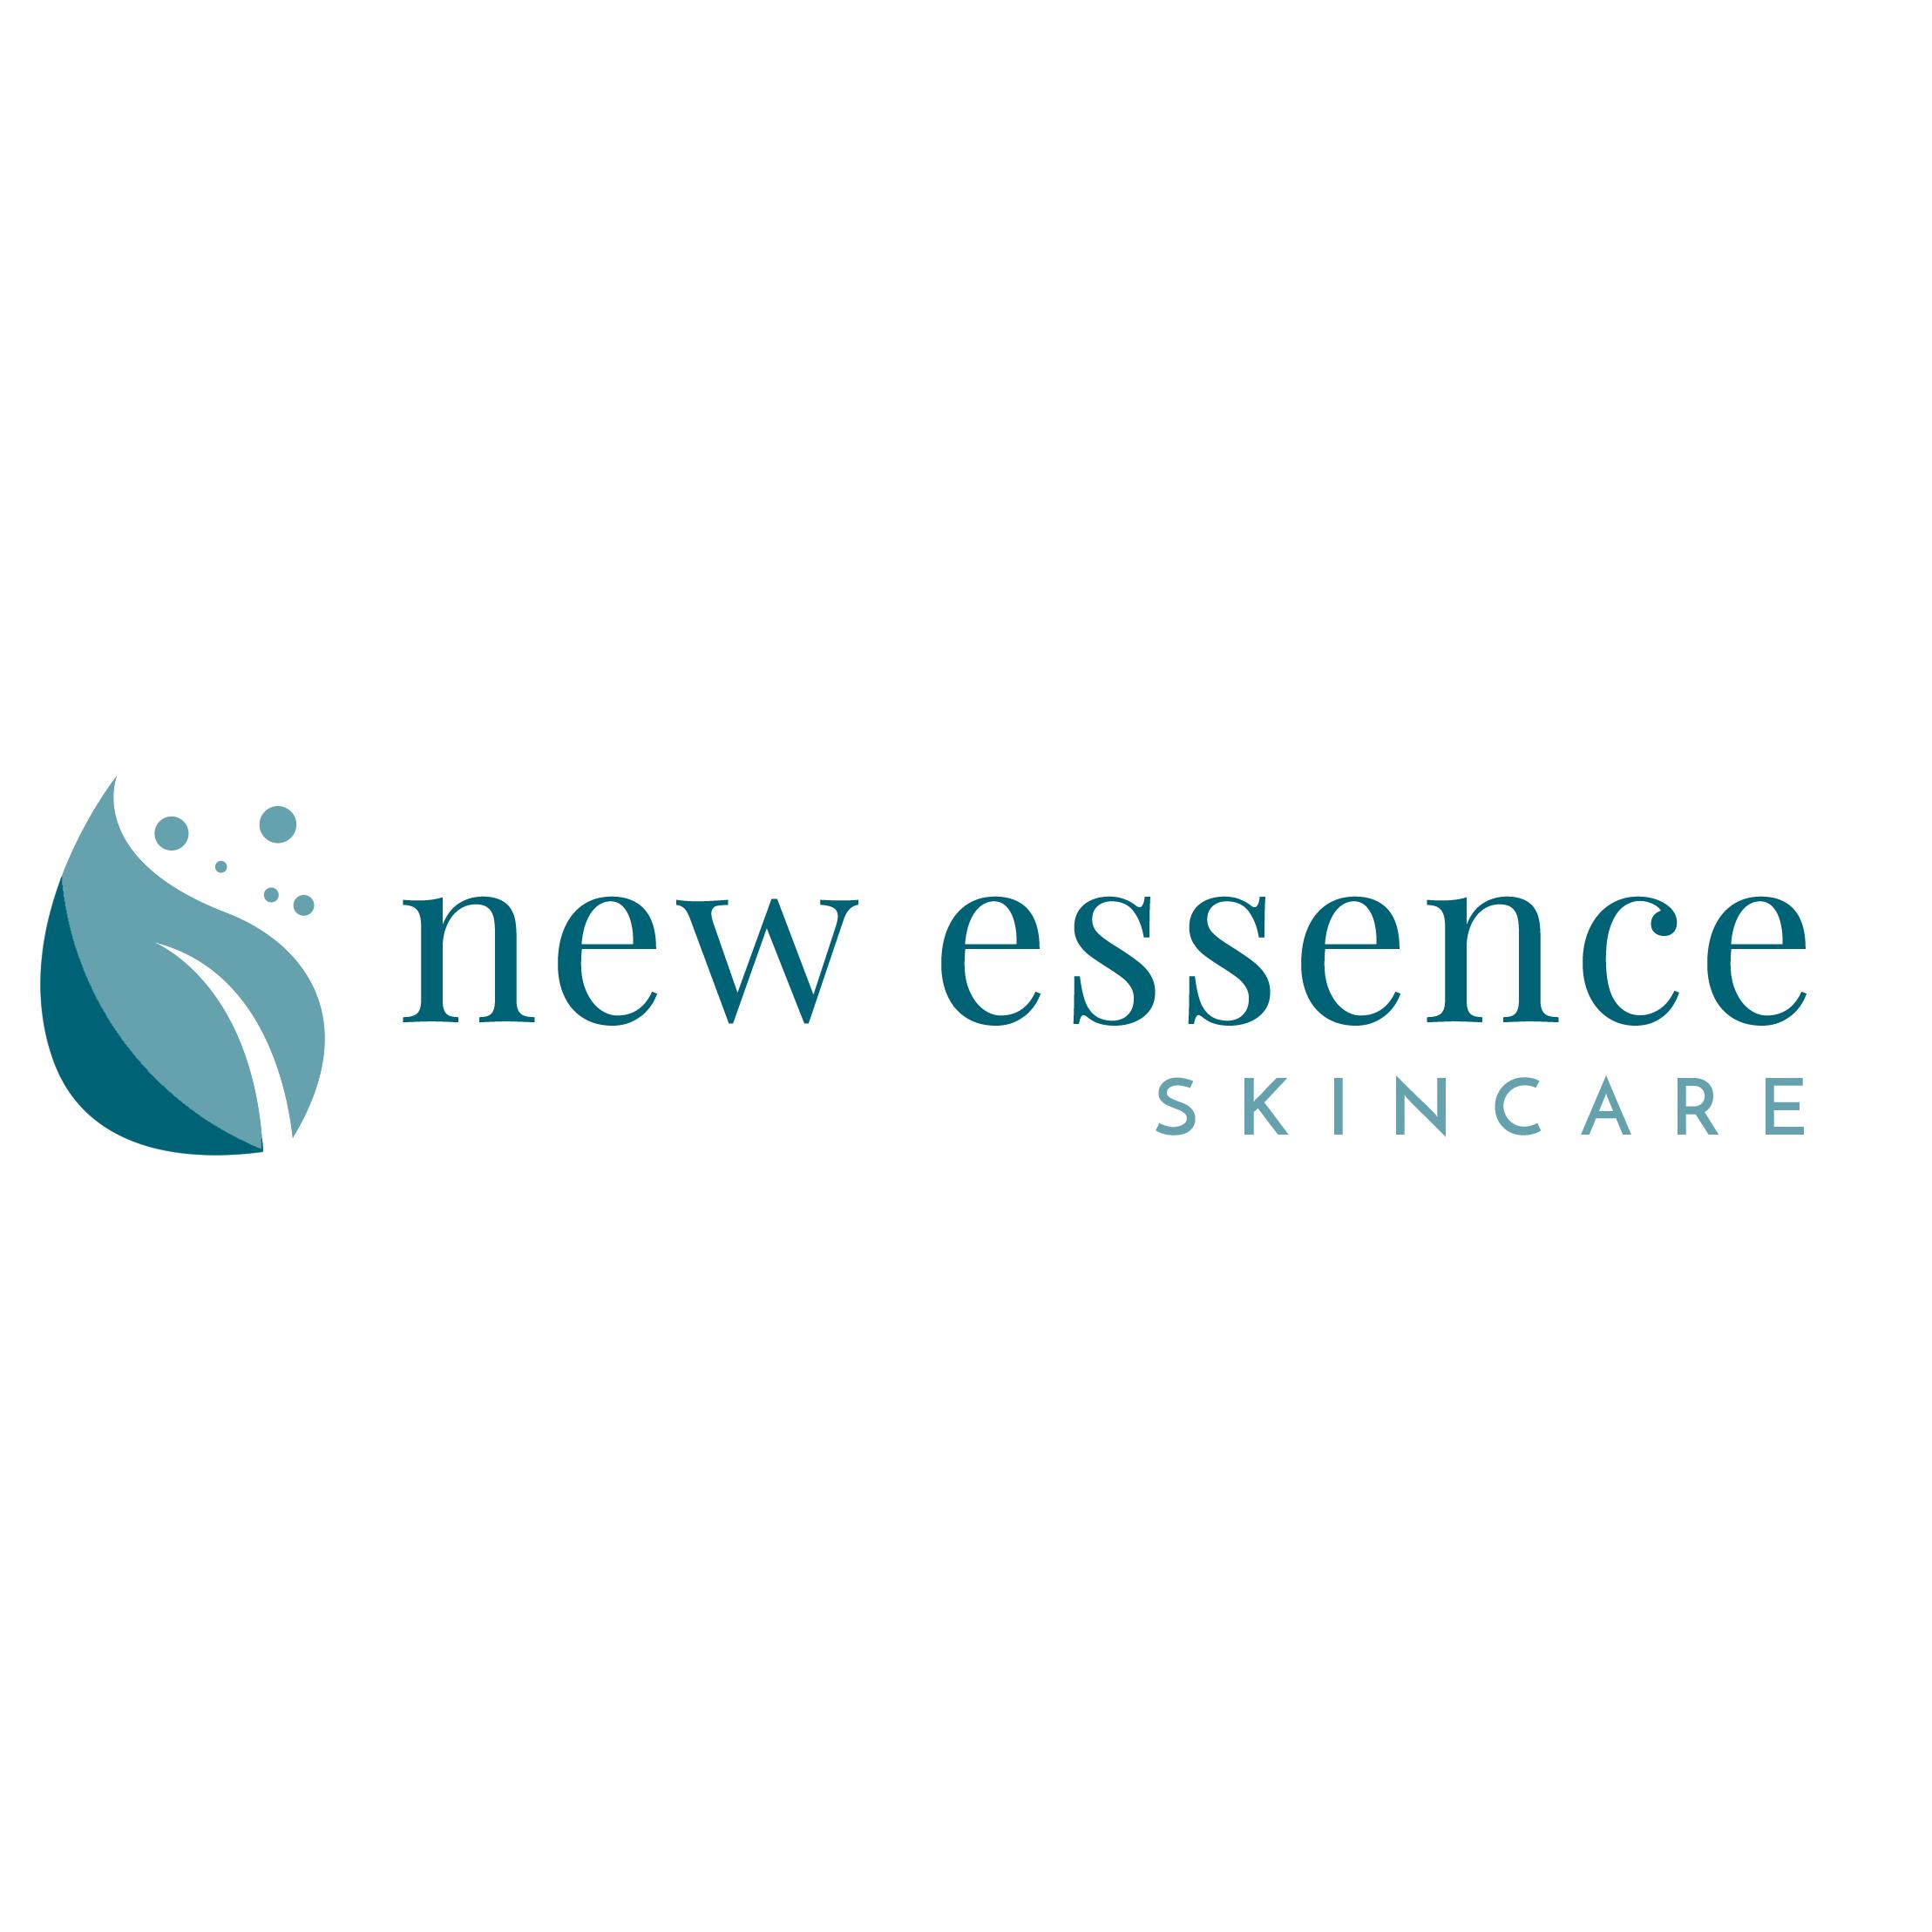 New Essence Skincare